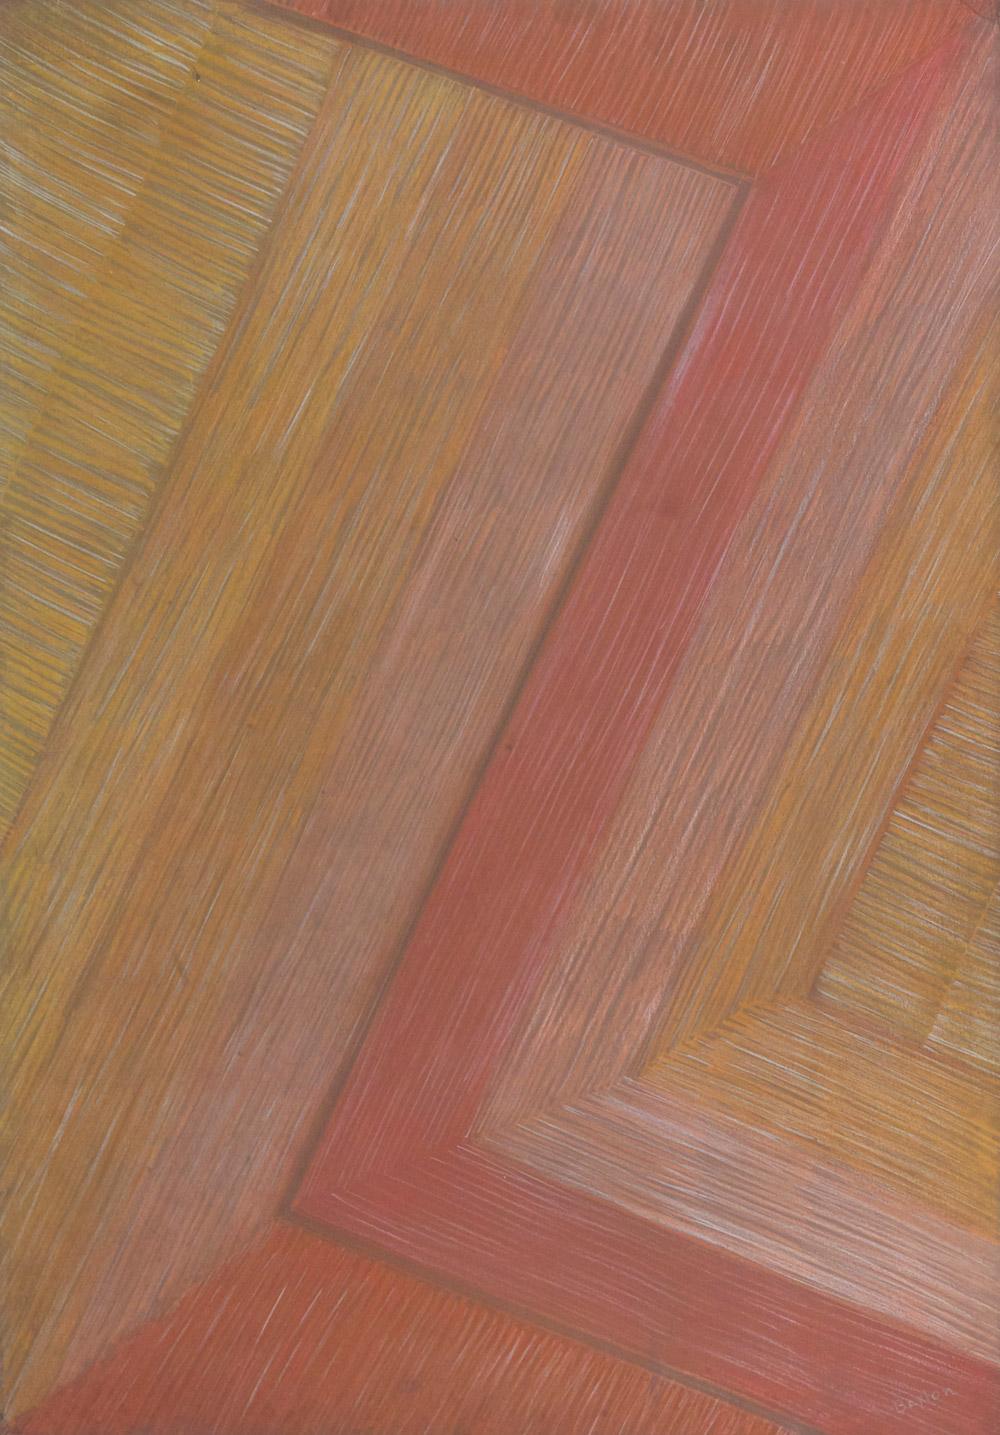 Senza titolo, sd  gessetto su cartoncino, 96x68 cm Presso il Gabinetto dei Disegni e delle Stampe della Galleria degli Uffizi, cod.123634